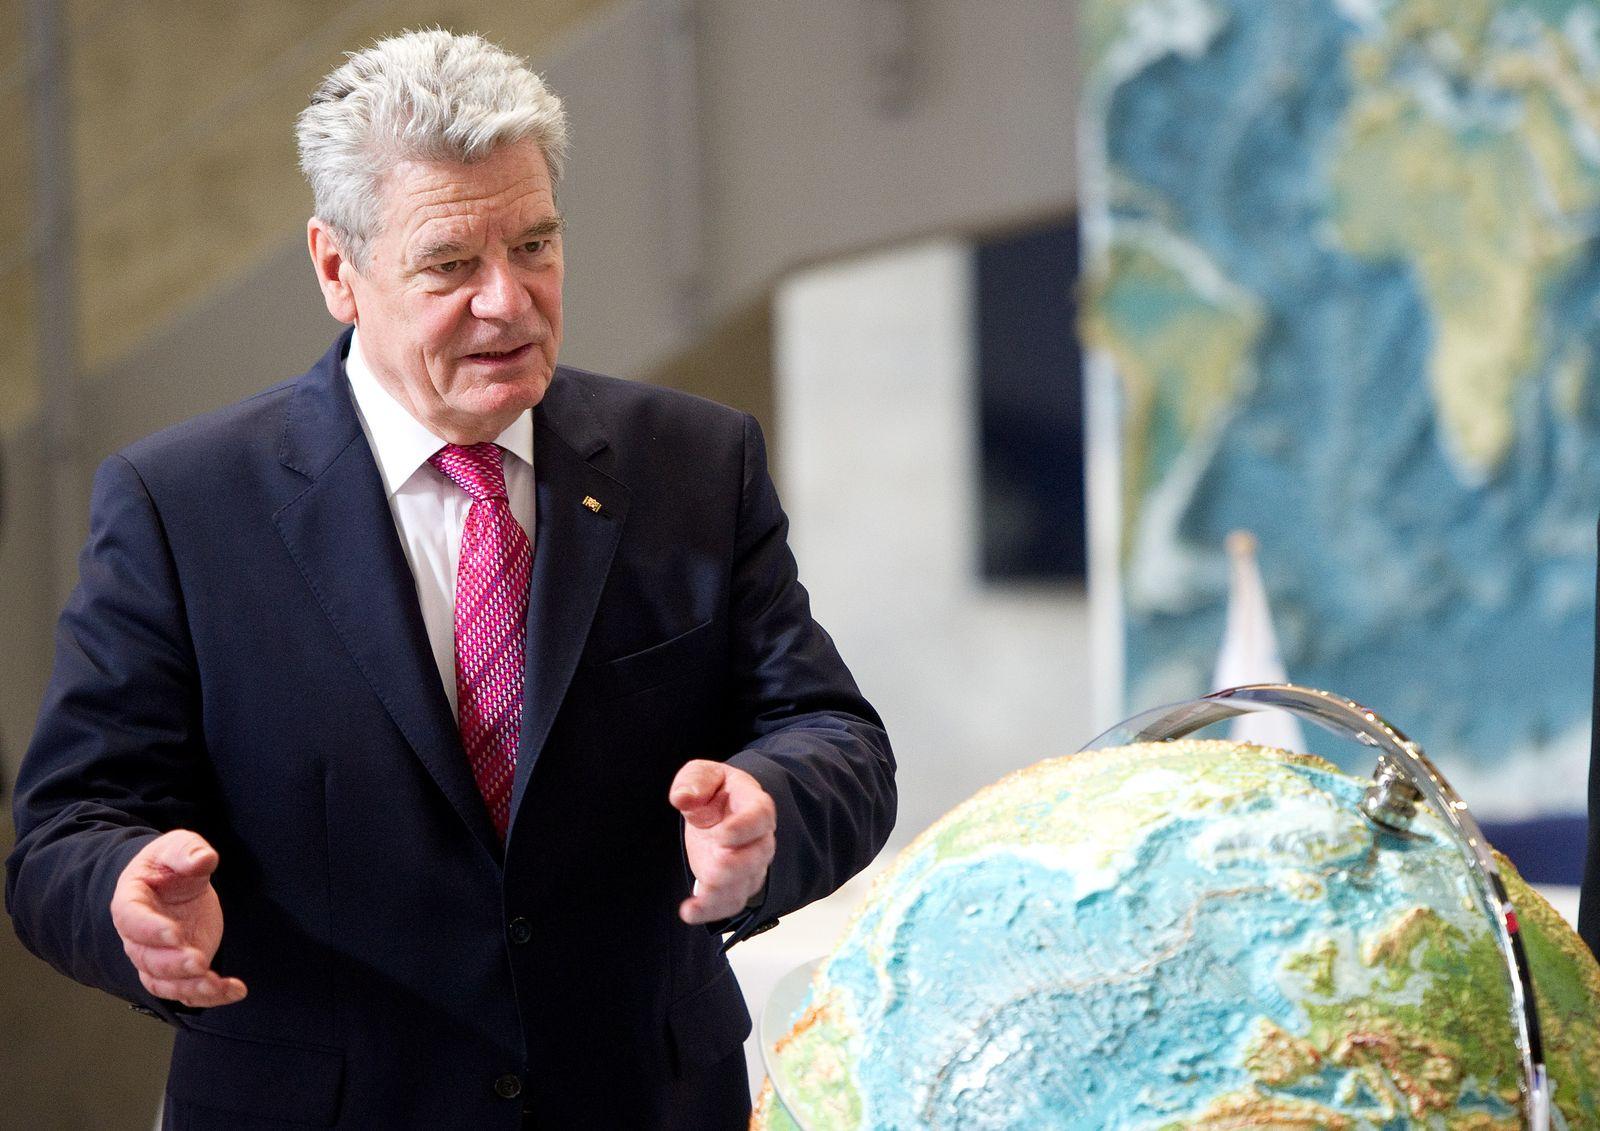 Bundespräsident Gauck besucht Schleswig-Holstein